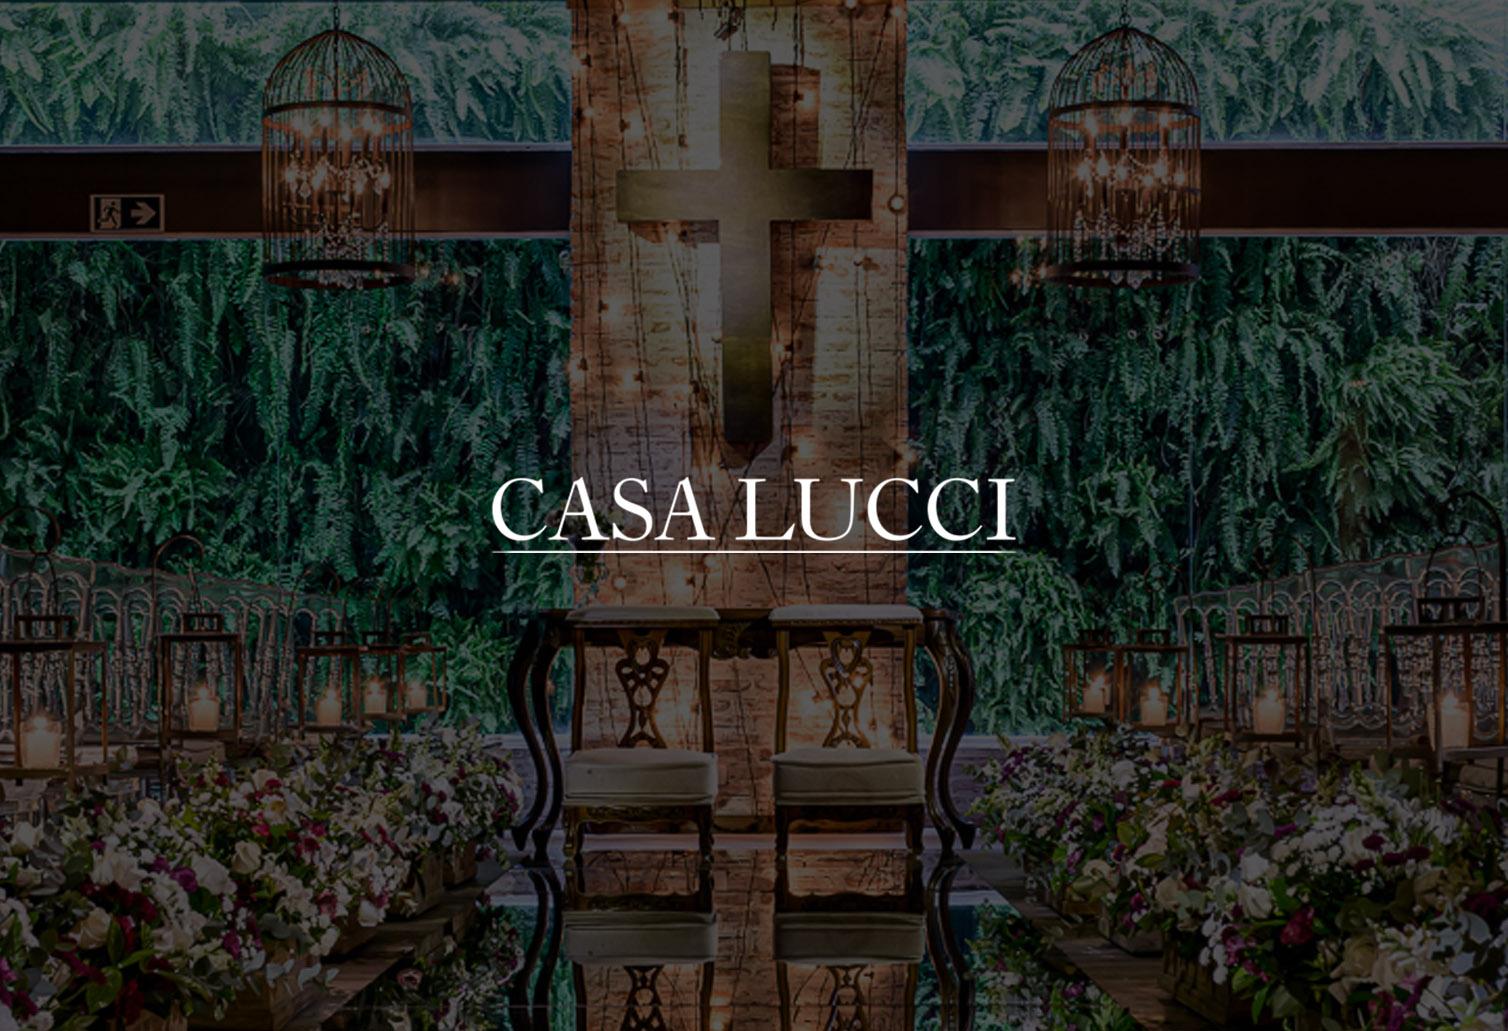 Casa Lucci